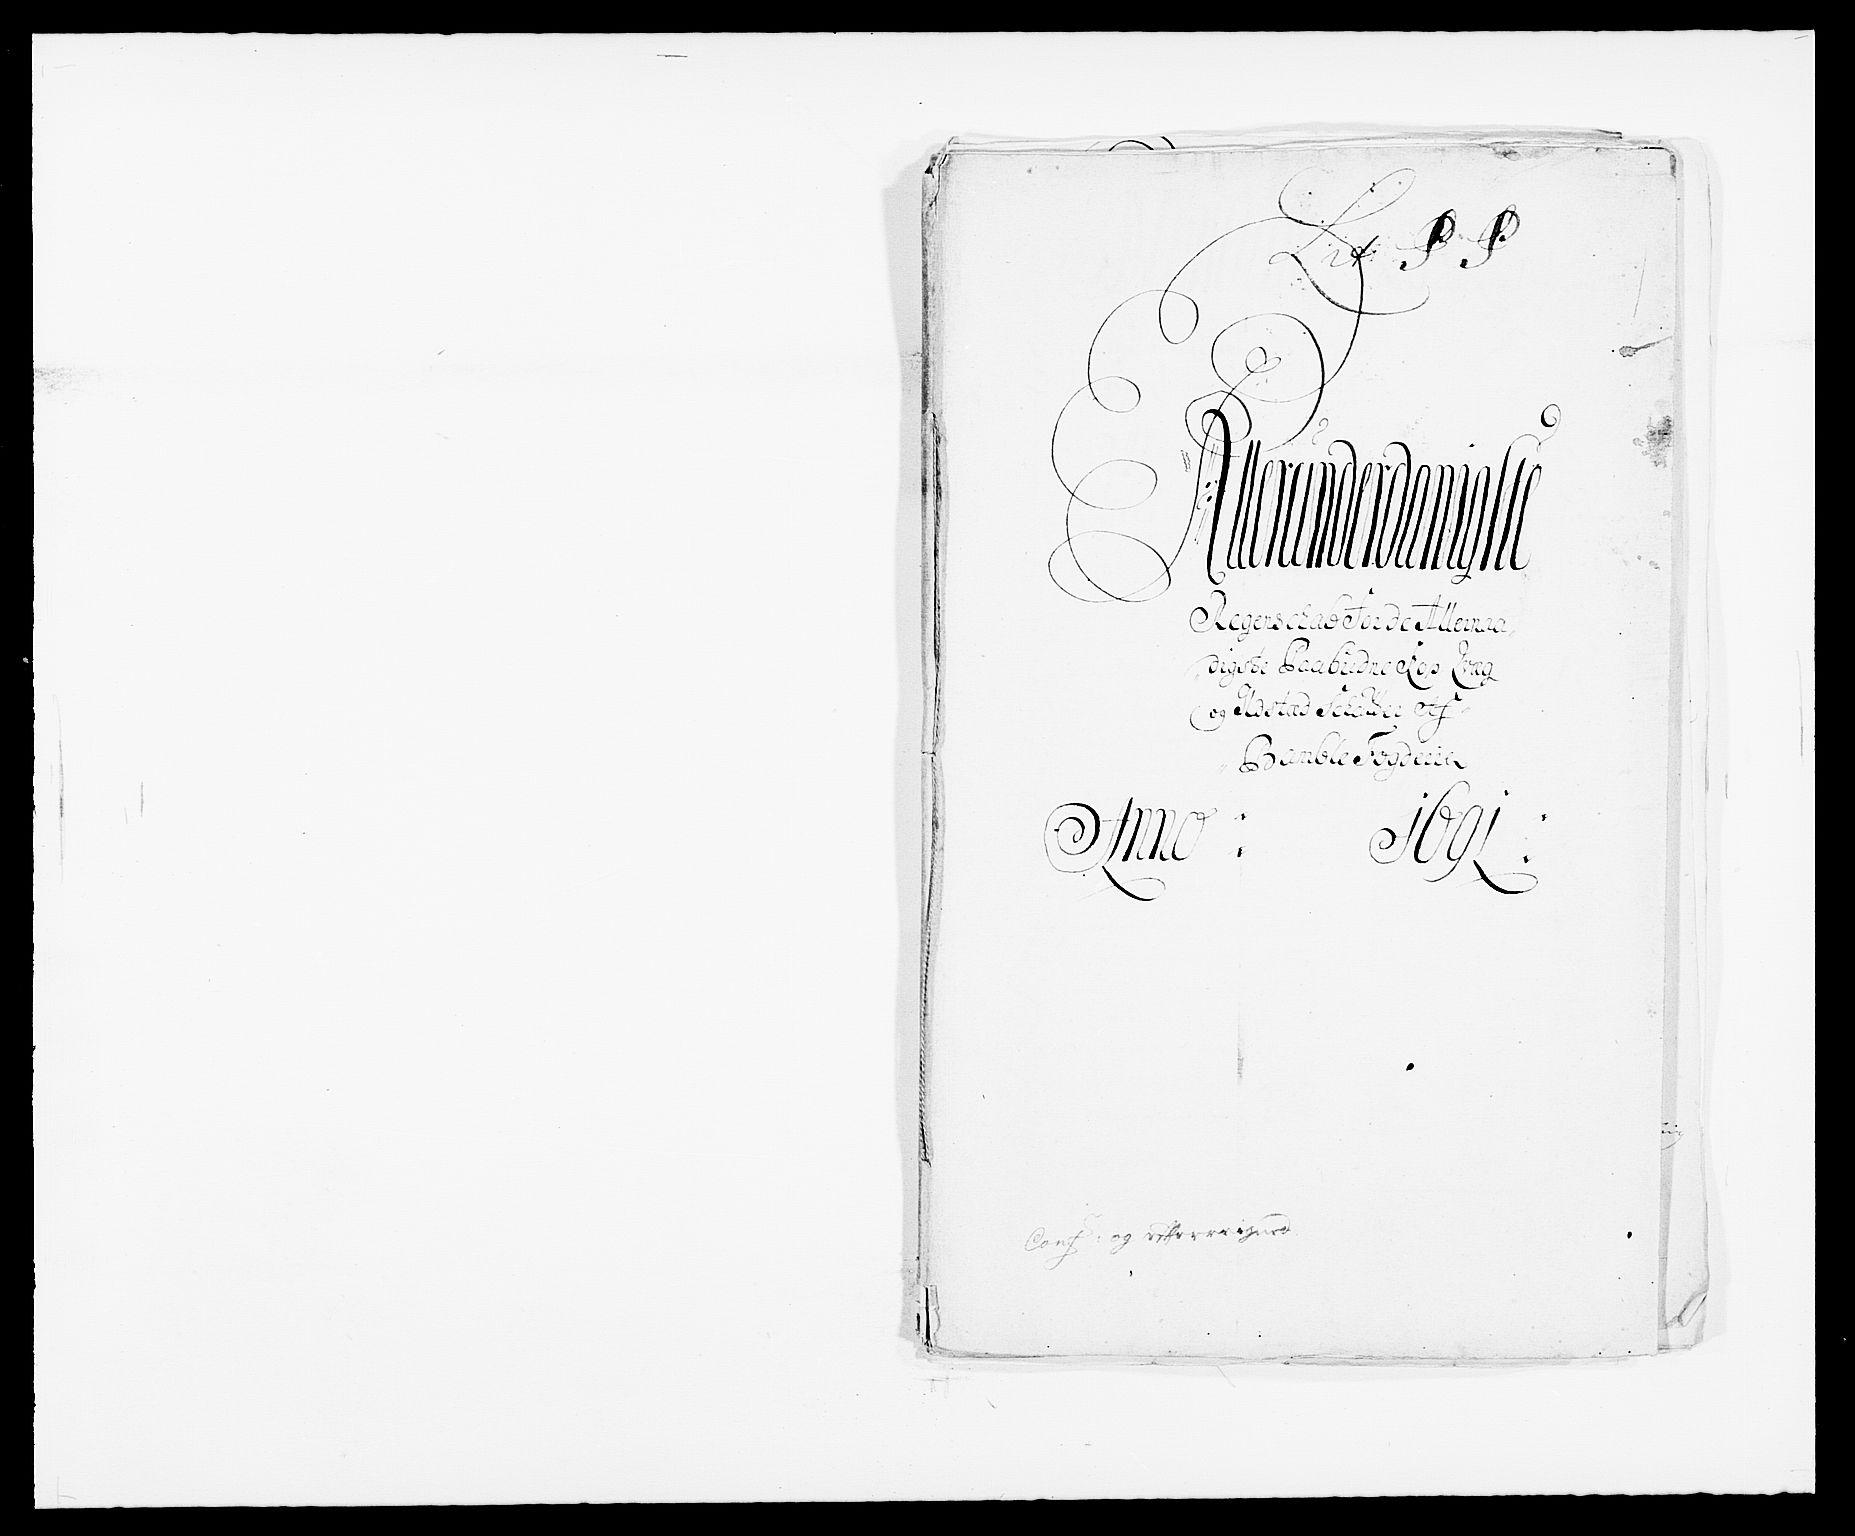 RA, Rentekammeret inntil 1814, Reviderte regnskaper, Fogderegnskap, R34/L2051: Fogderegnskap Bamble, 1688-1691, s. 269